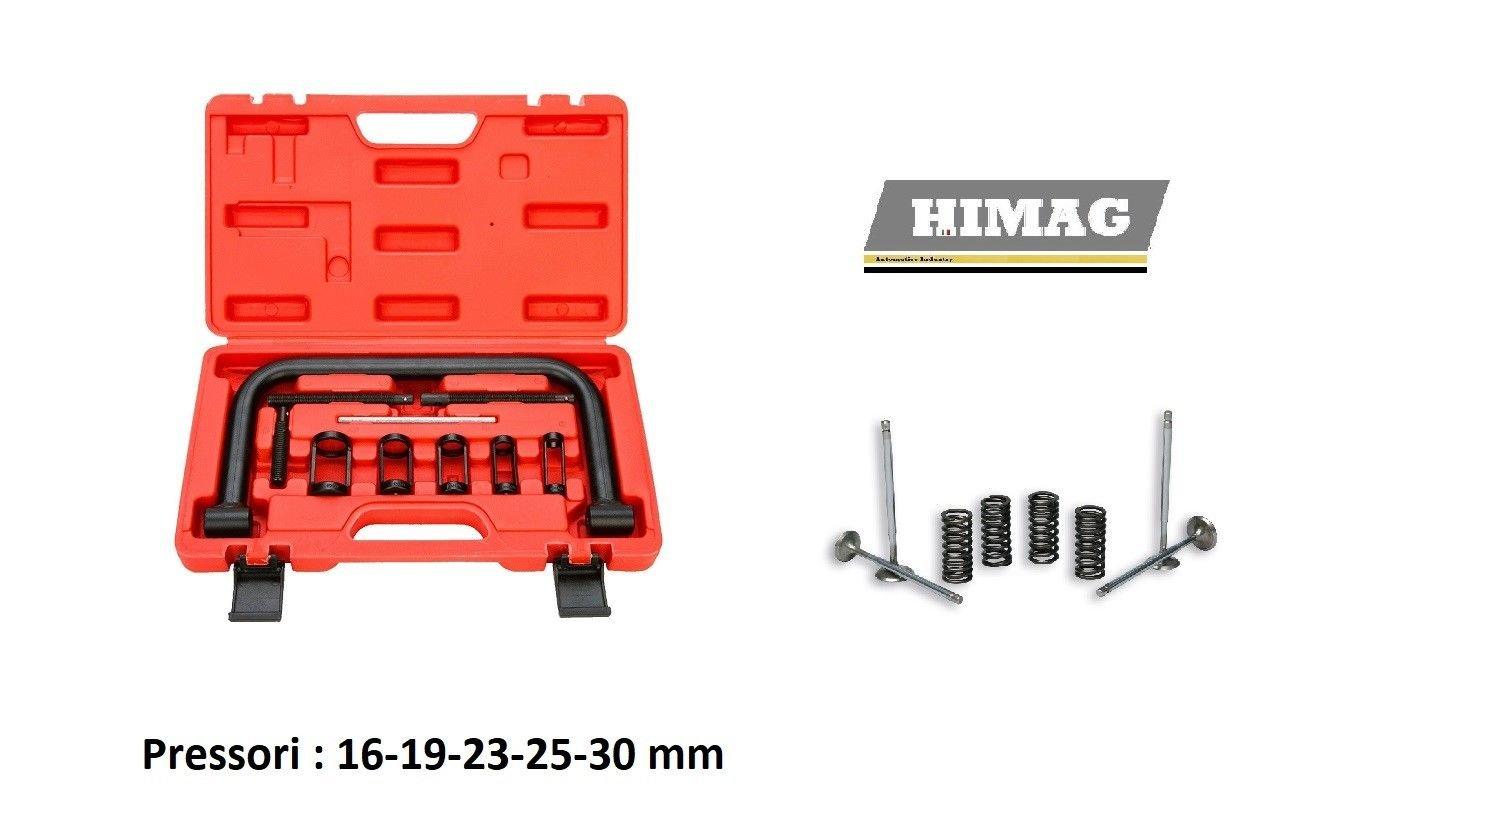 HIMAG Compressore Molle Comprimimolle Morsetto Alzavalvole Ø 16-30 MM